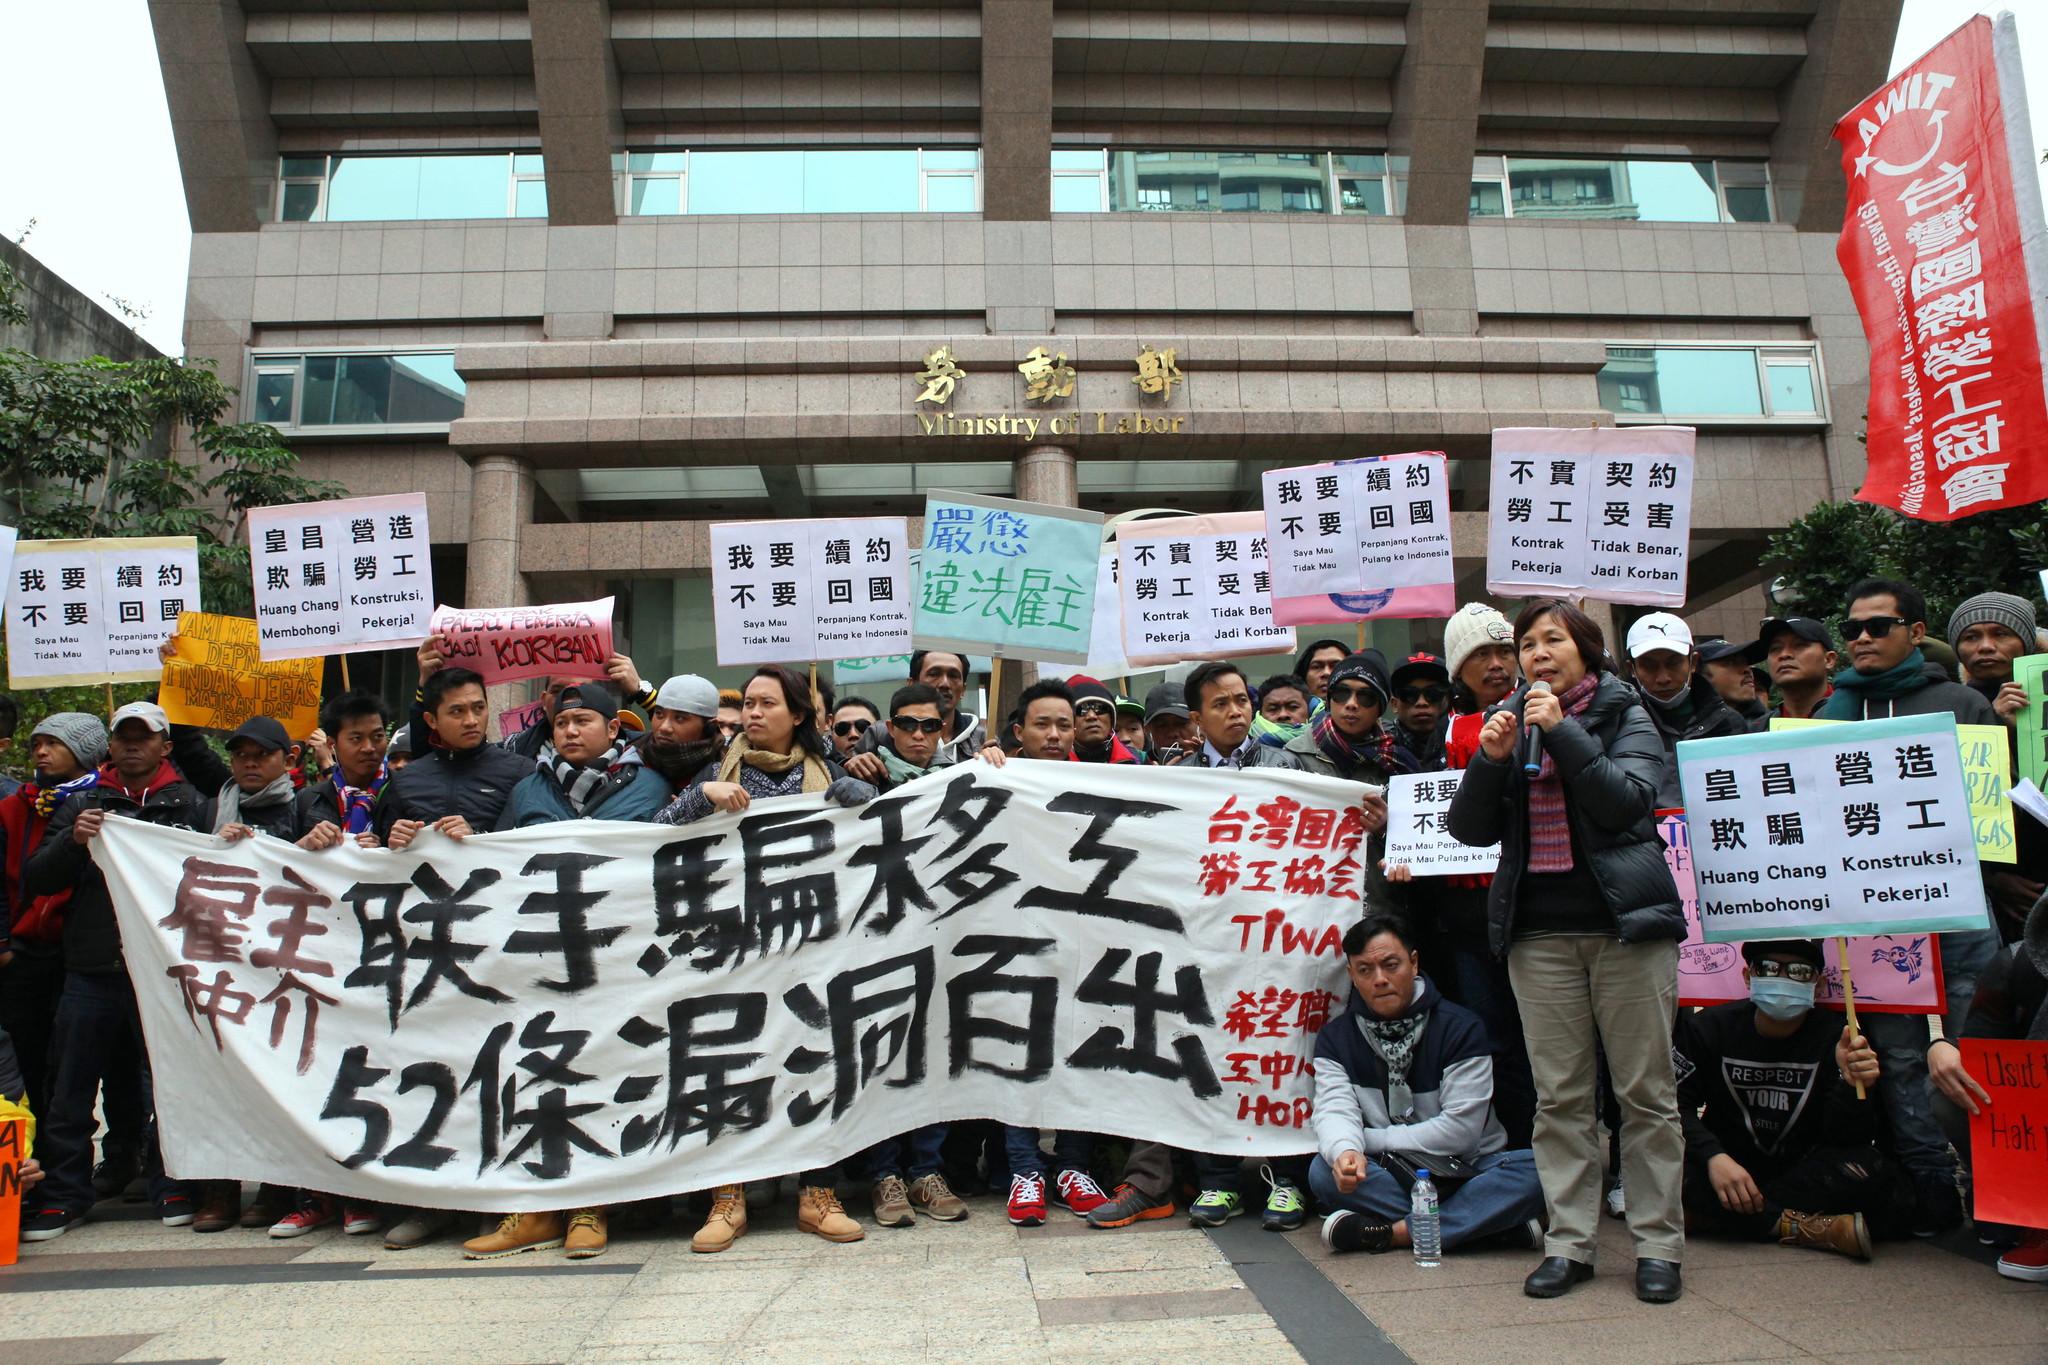 兩次從林口到台北,都全員出動的印尼籍移工,團結抗爭終於露出曙光。(攝影:陳逸婷)